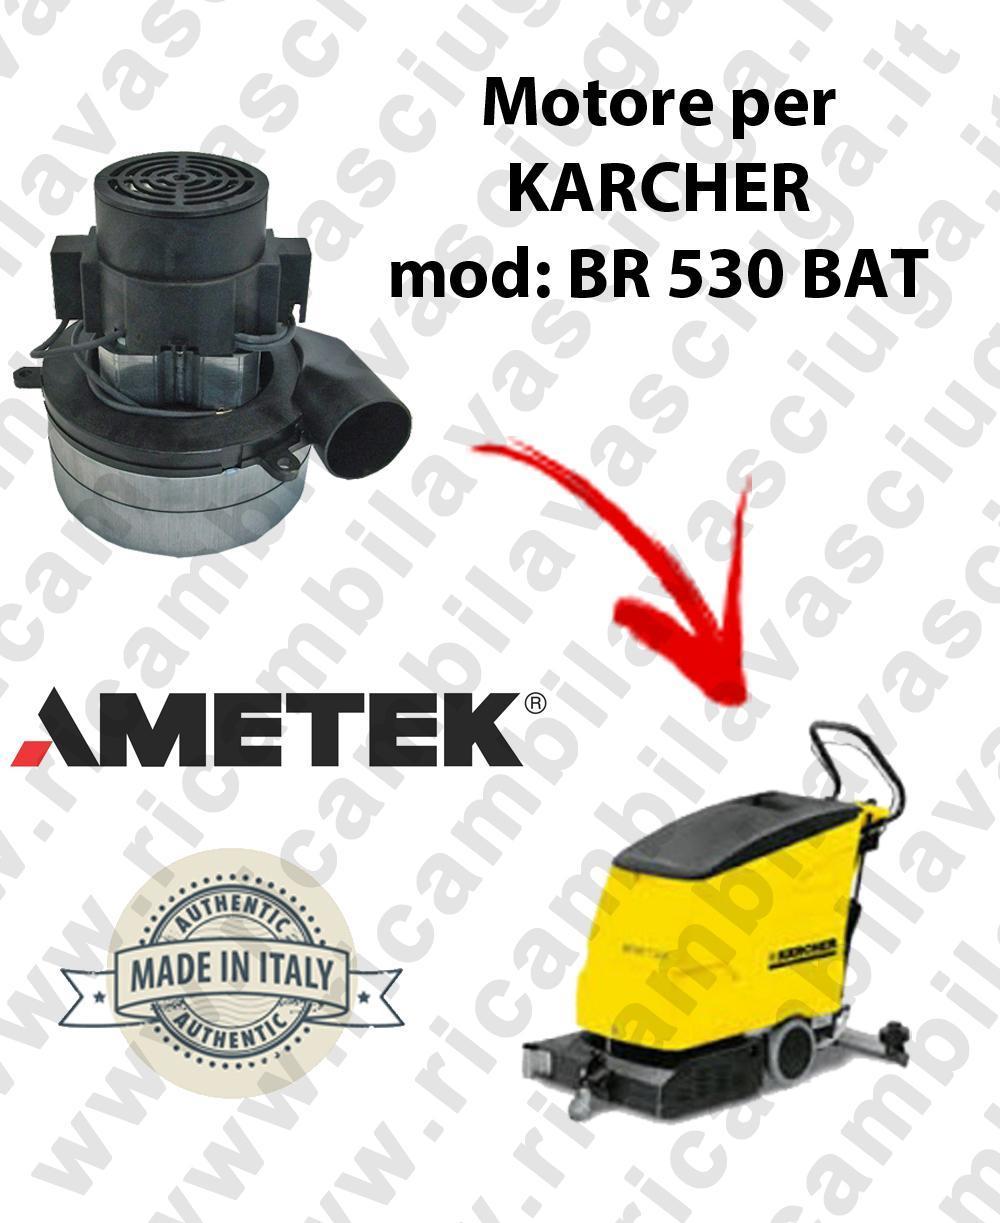 BR 530 BATT MOTEUR AMETEK aspiration pour autolaveuses KARCHER